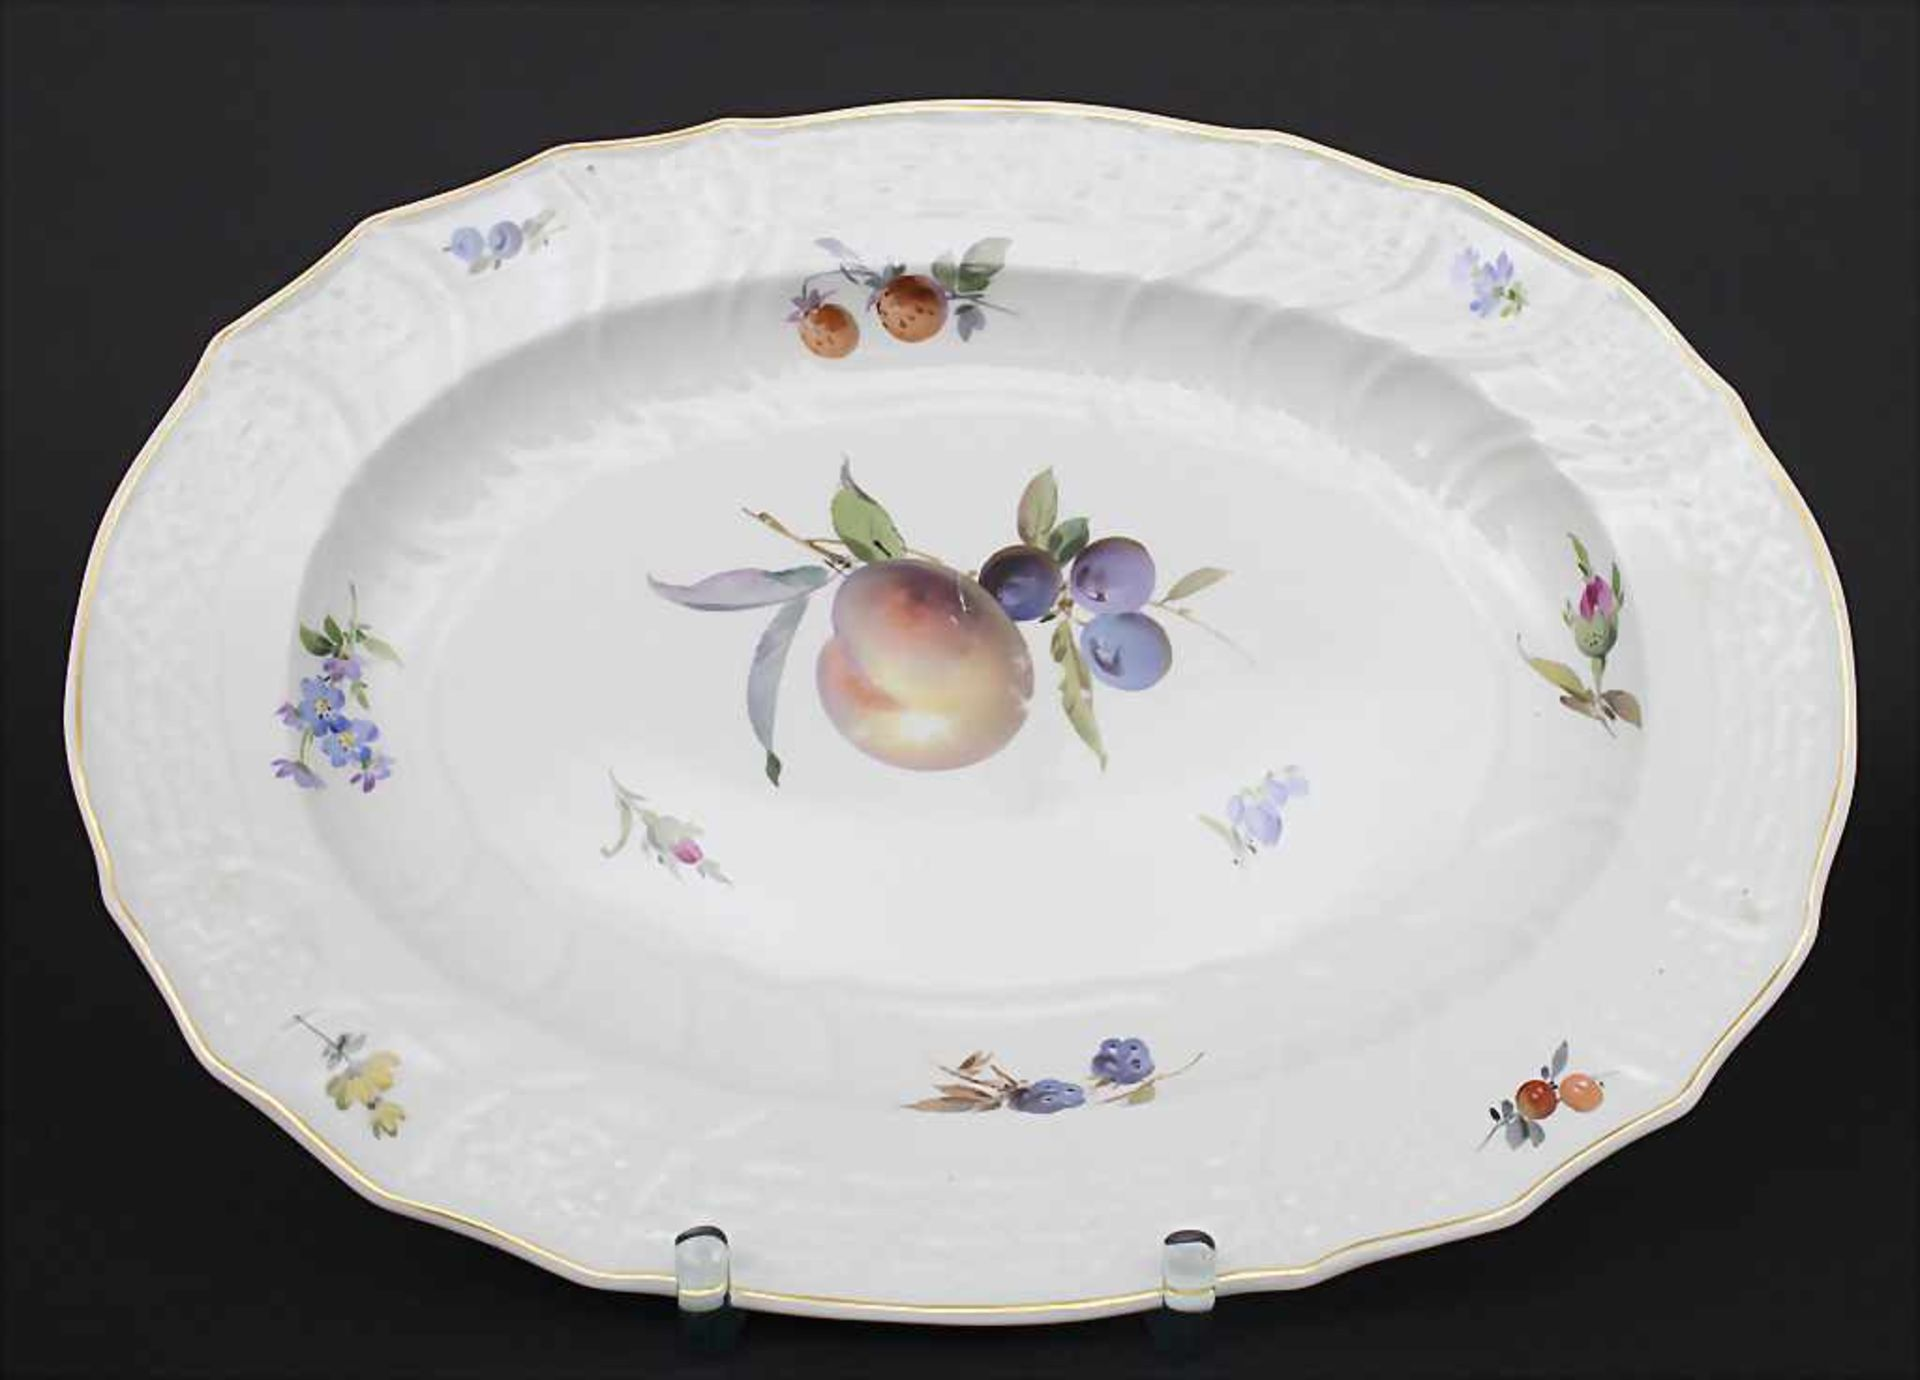 Große ovale Deckelterrine und Gemüseplatte mit Früchtemalerei / An oval covered tureen and serving - Bild 7 aus 10